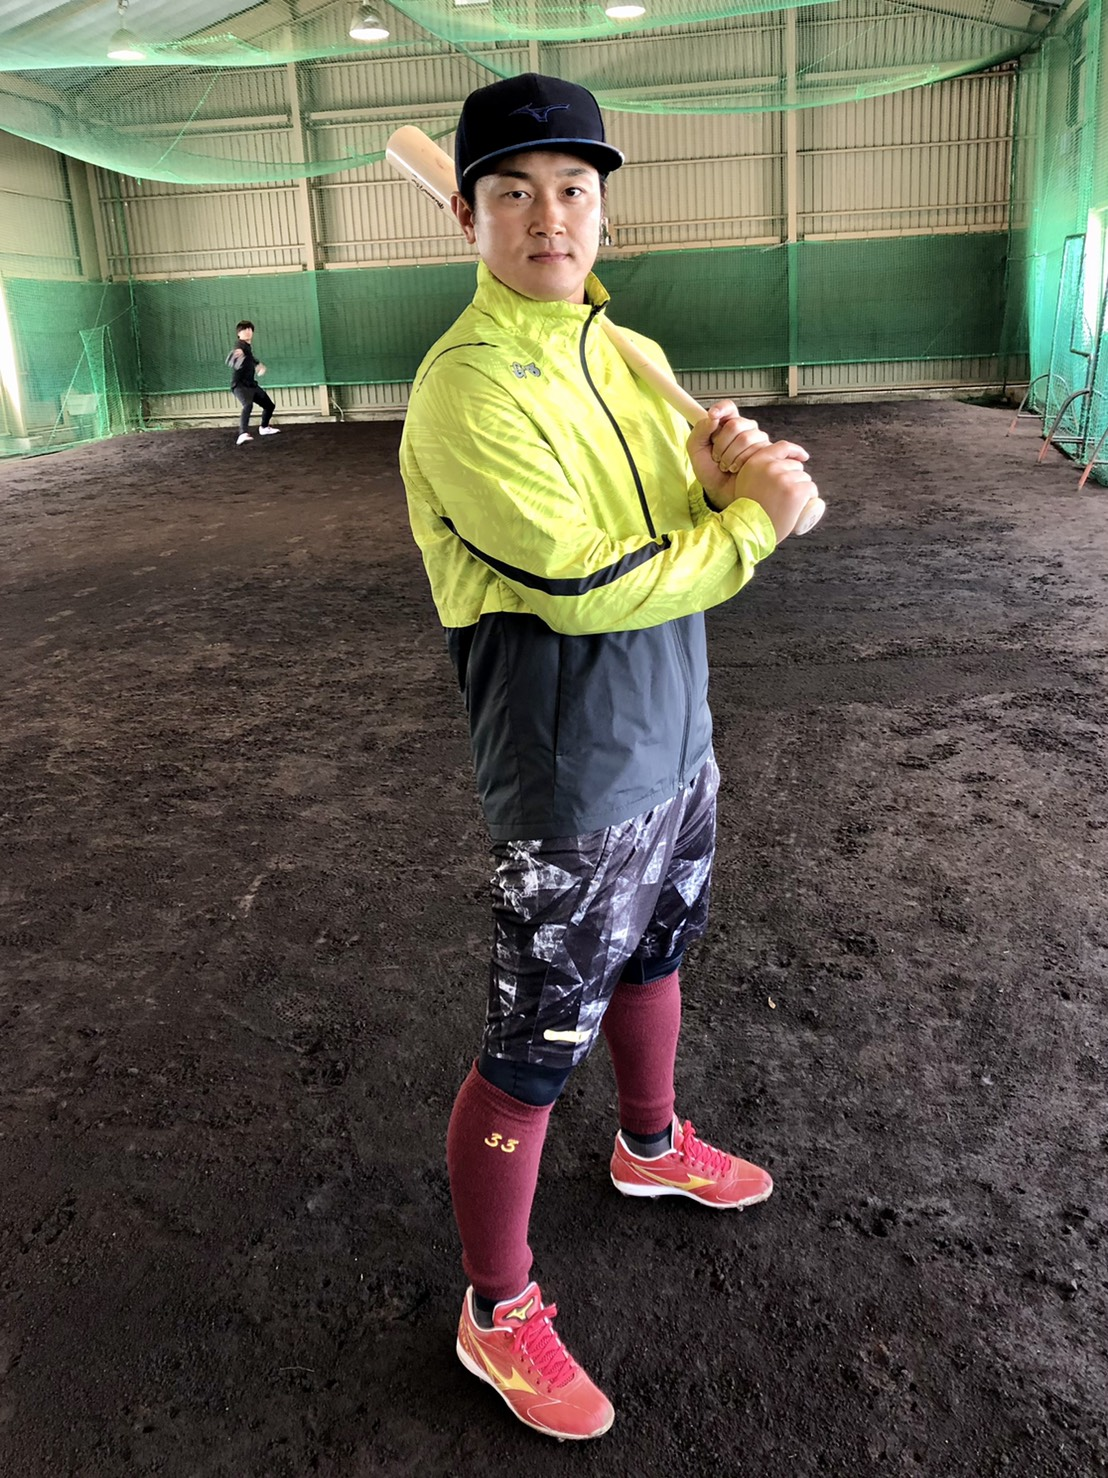 宮城県内での自主トレを公開した楽天銀次は、震災から10年となる節目のシーズンに向けて意気込む(球団提供)